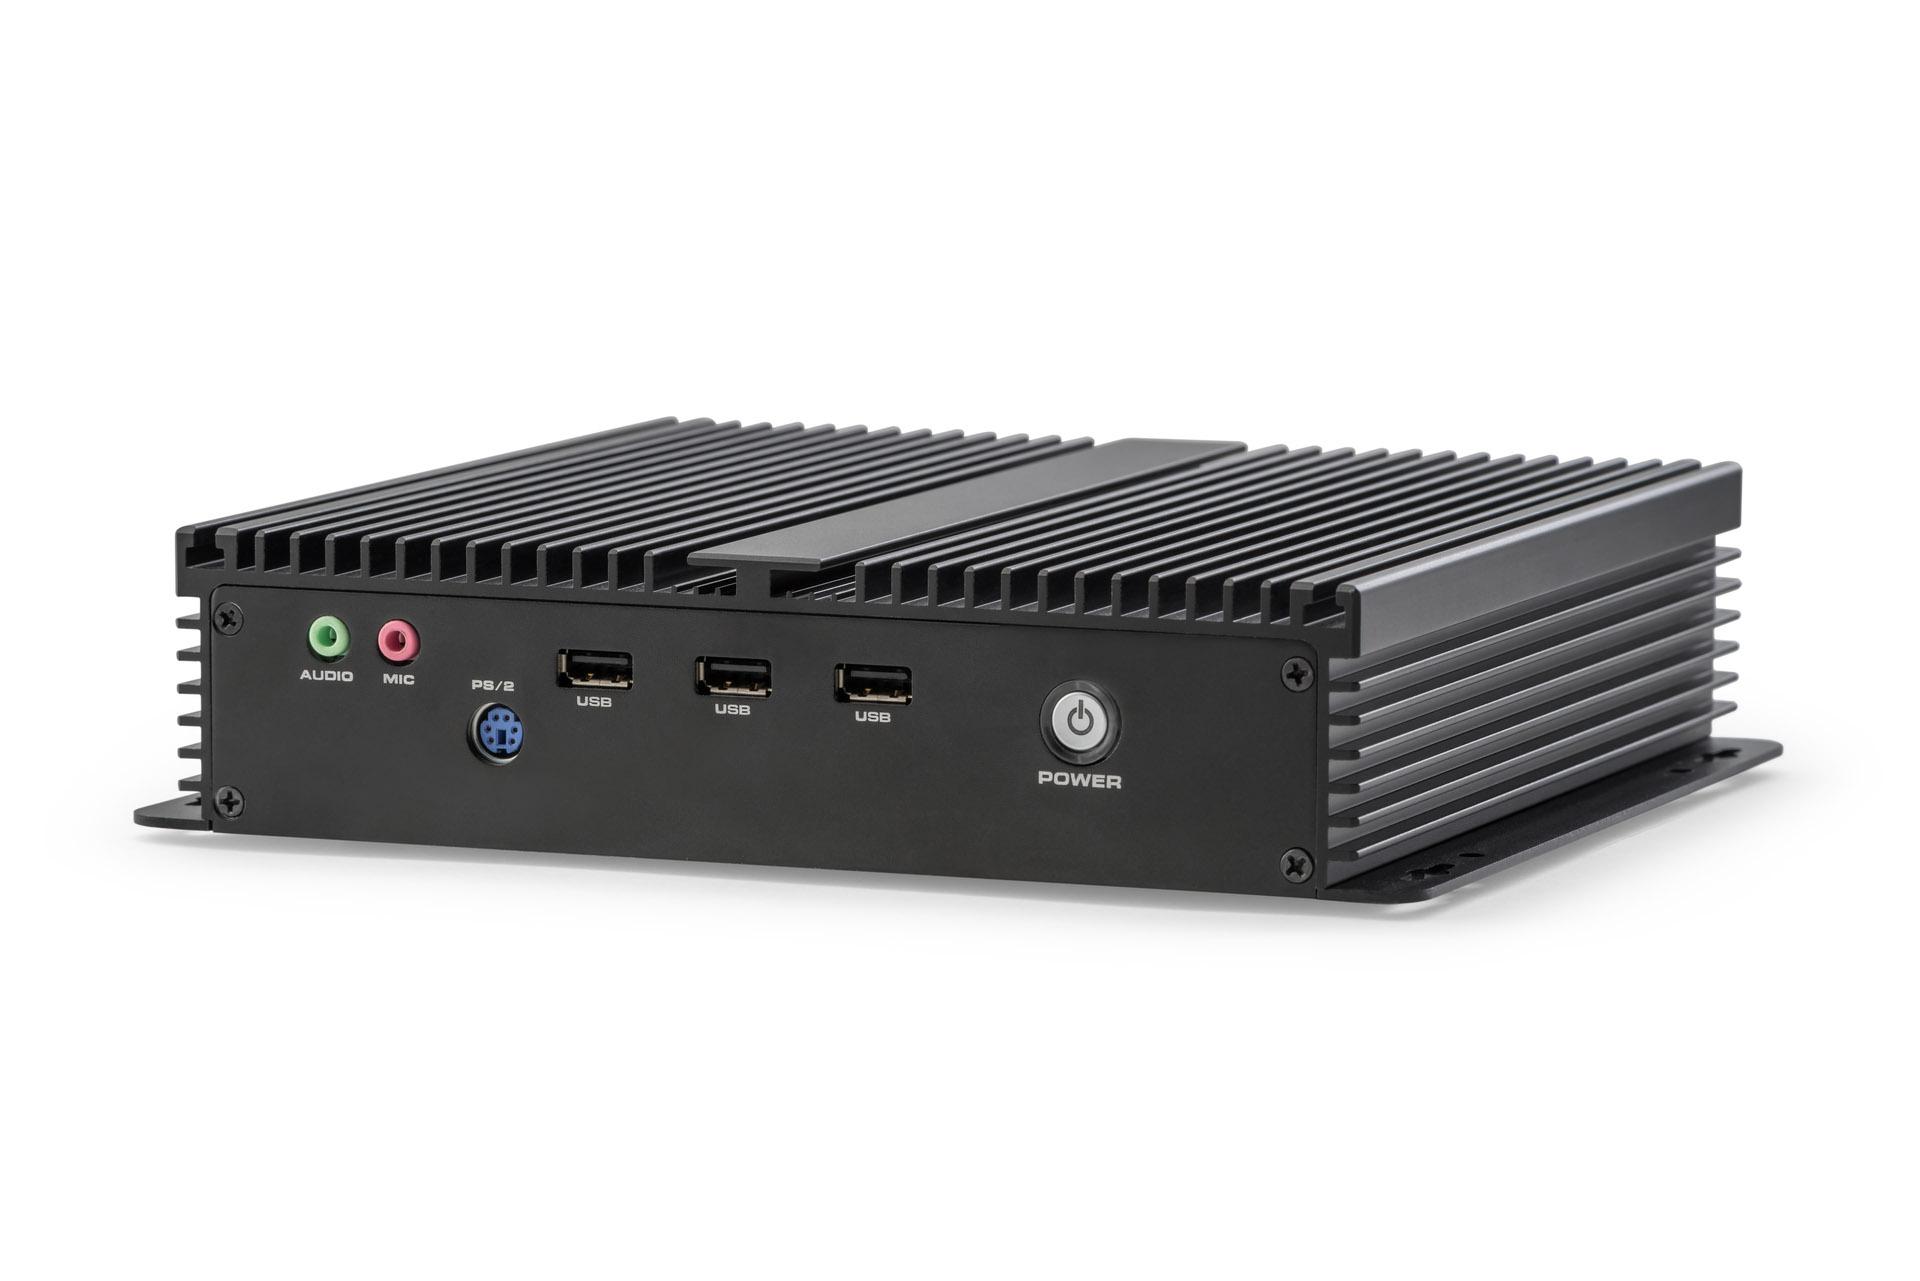 Главная POS-компьютеры POS-компьютер АТОЛ NFD10 PRO черный, Intel Celeron J1900, 2.0.2.4 ГГц, SSD, 2 Гб DDR3, Windows 10 IoT